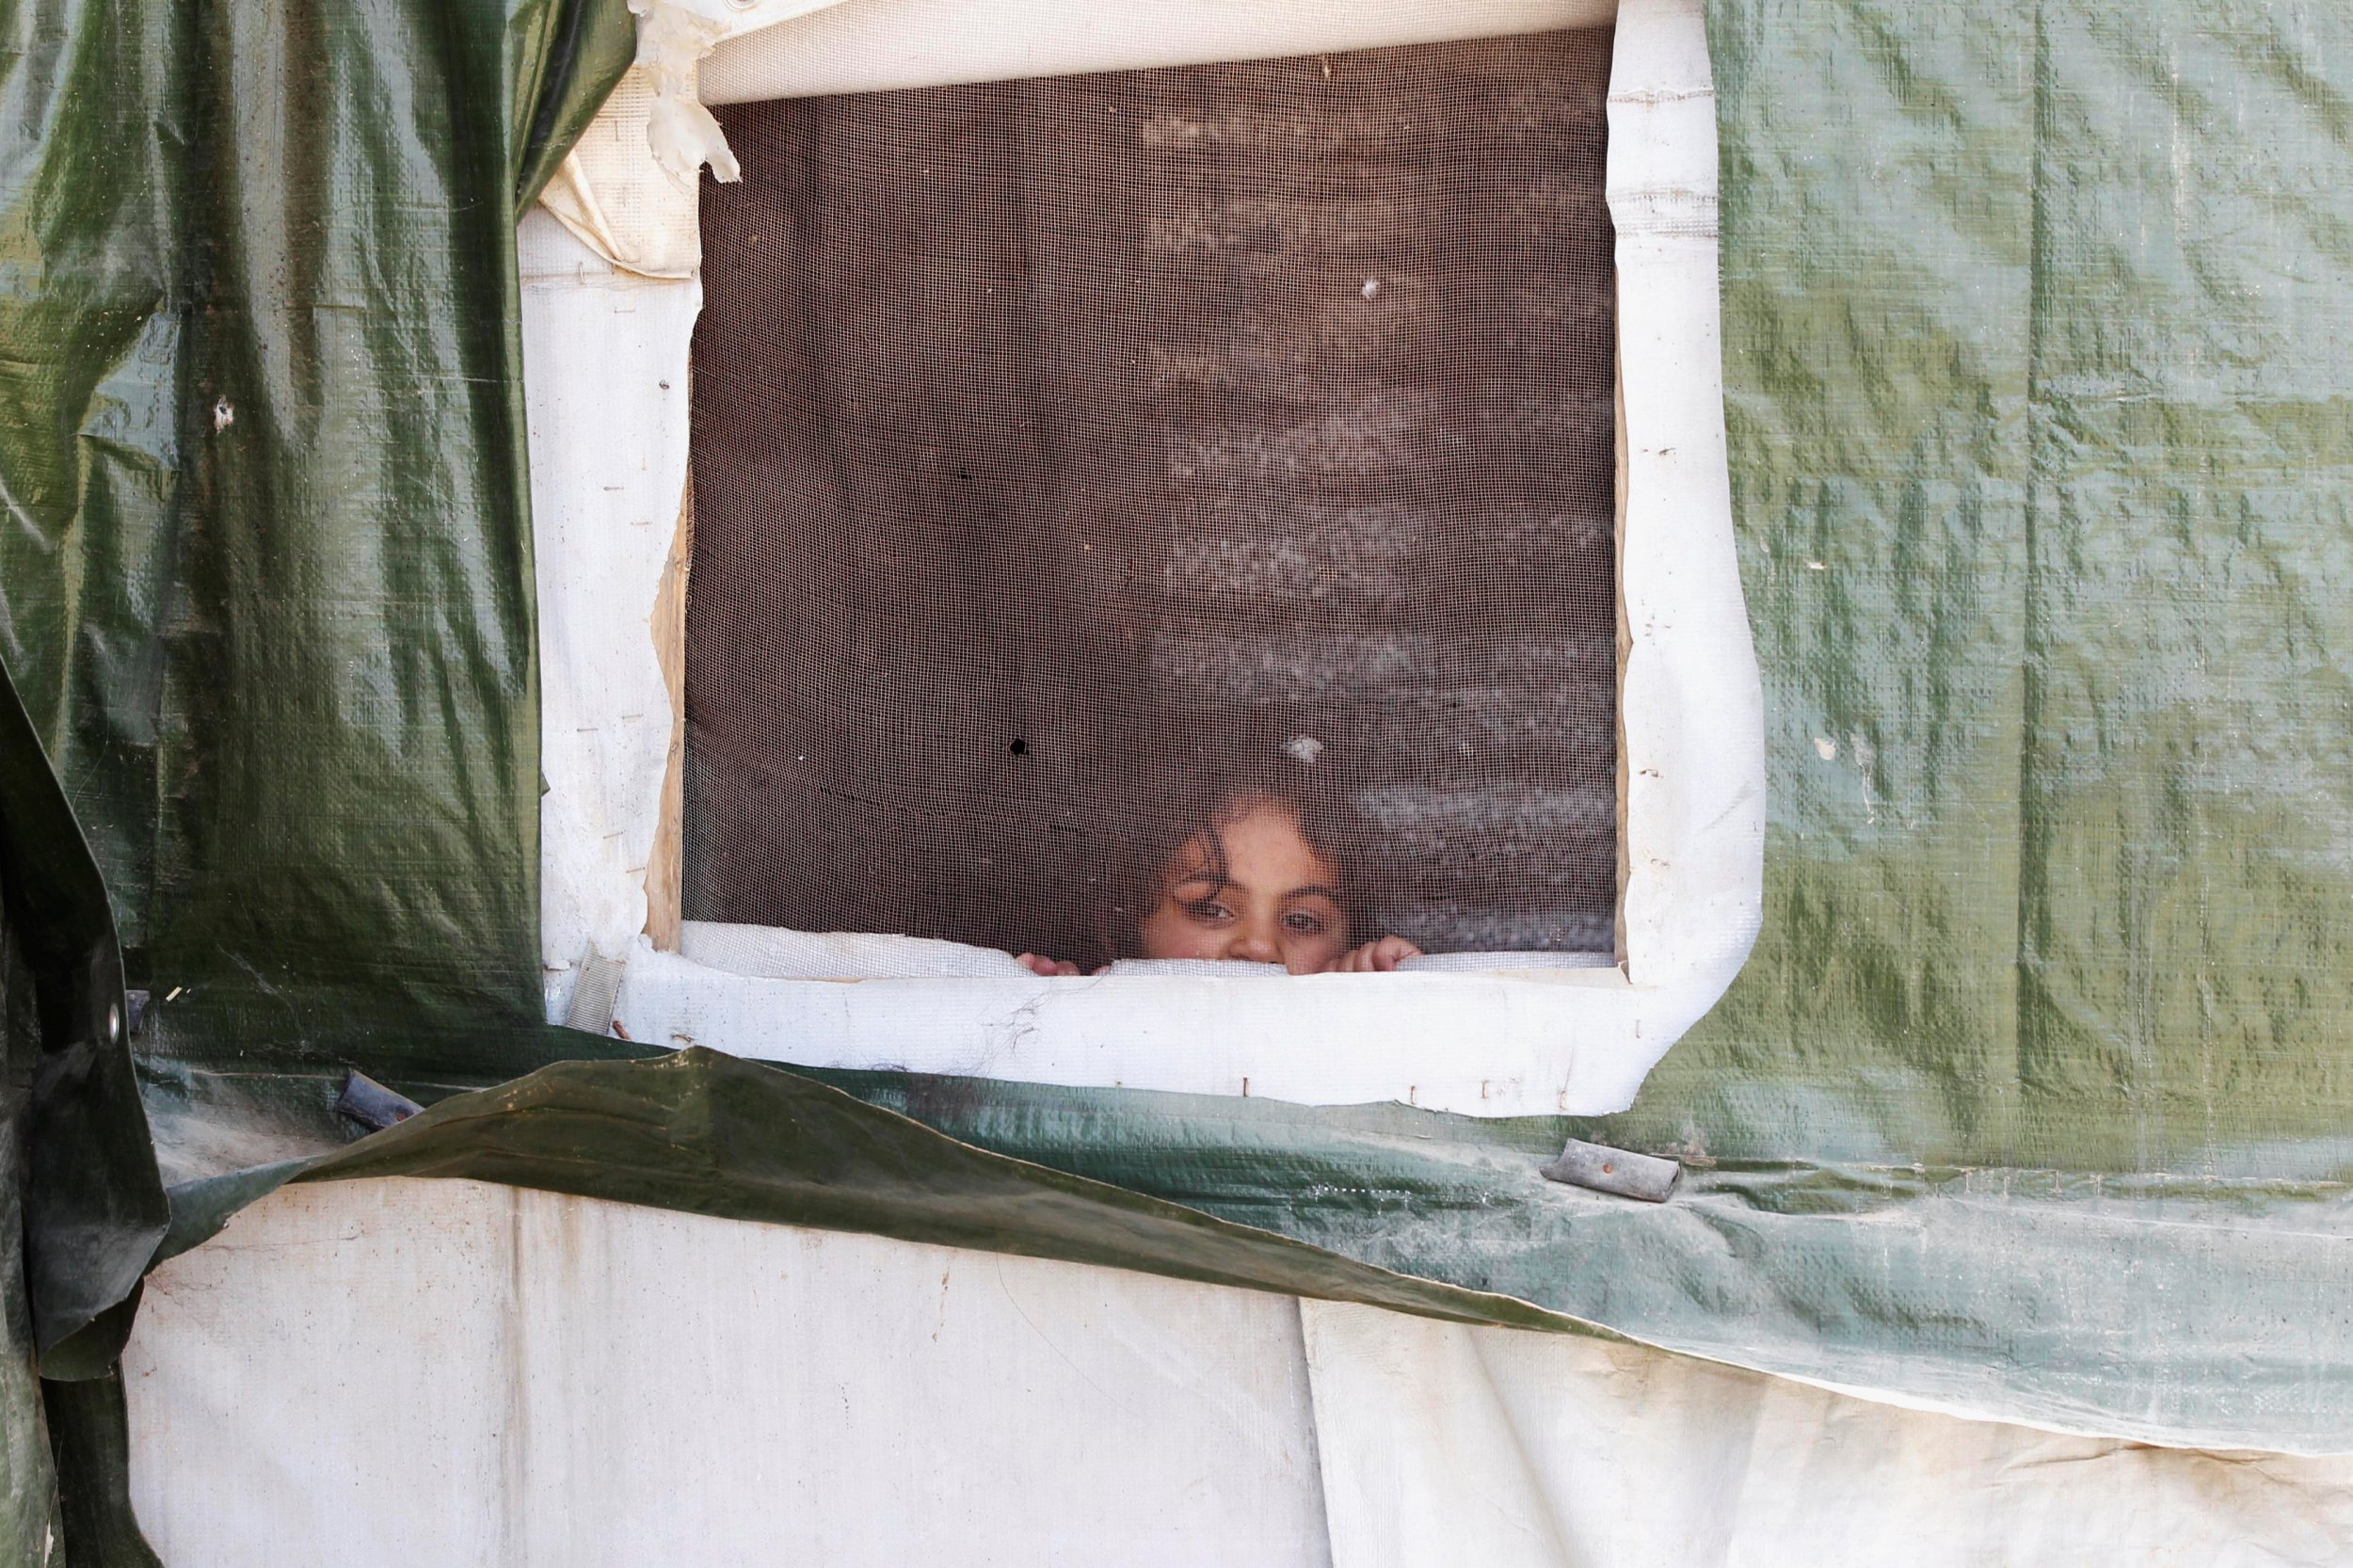 Syrian Refugee Girl